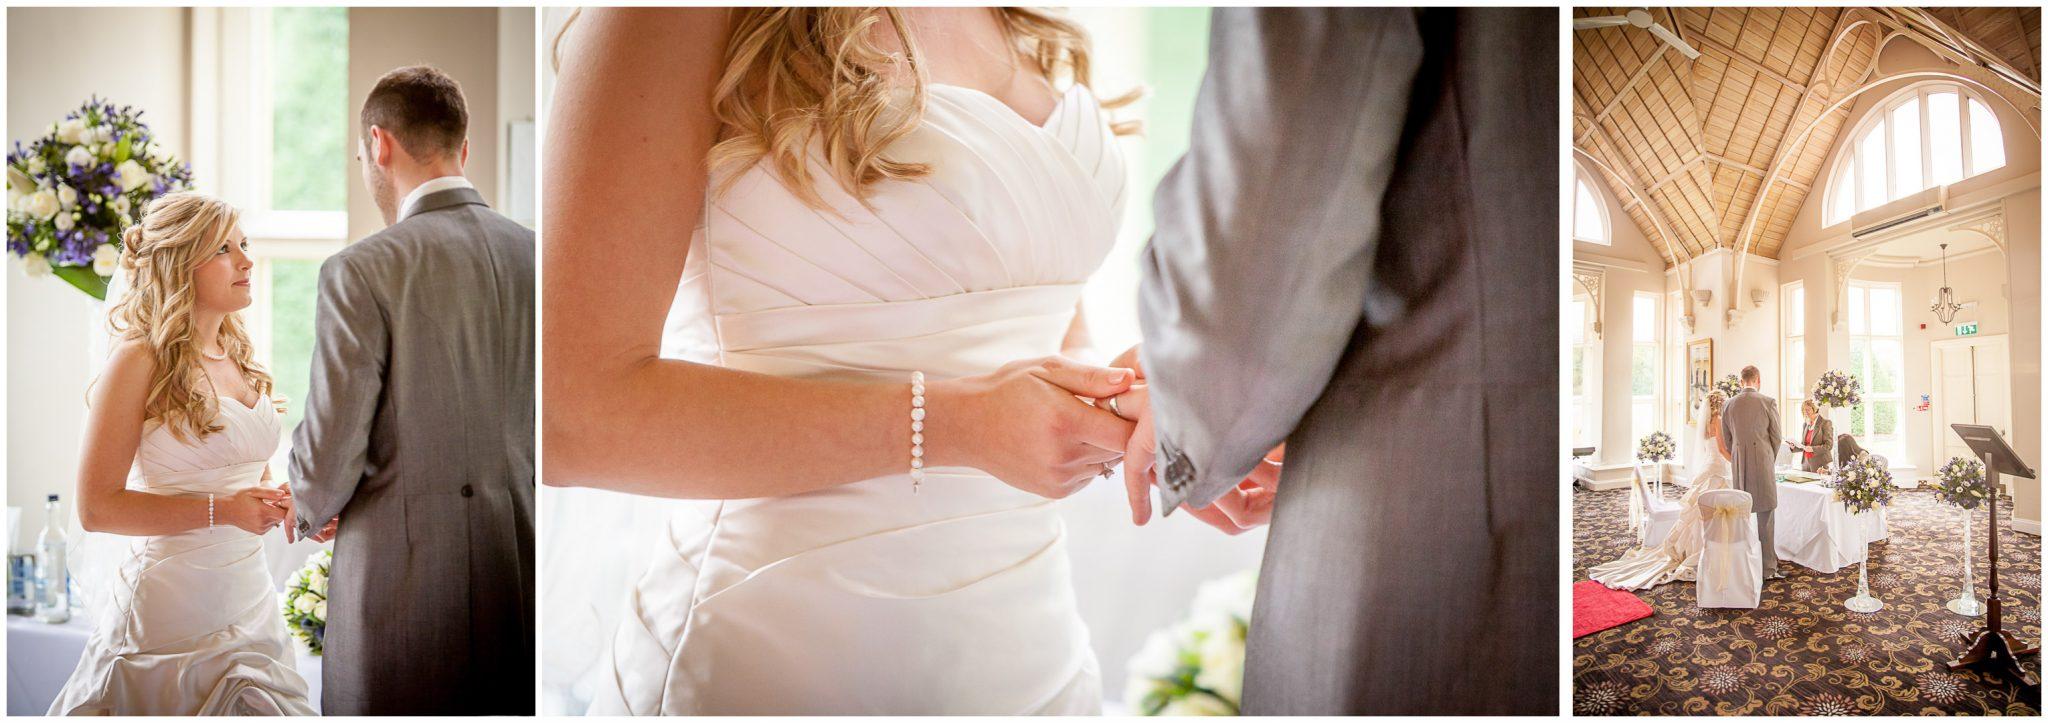 Audleys Wood wedding photography exchange of rings